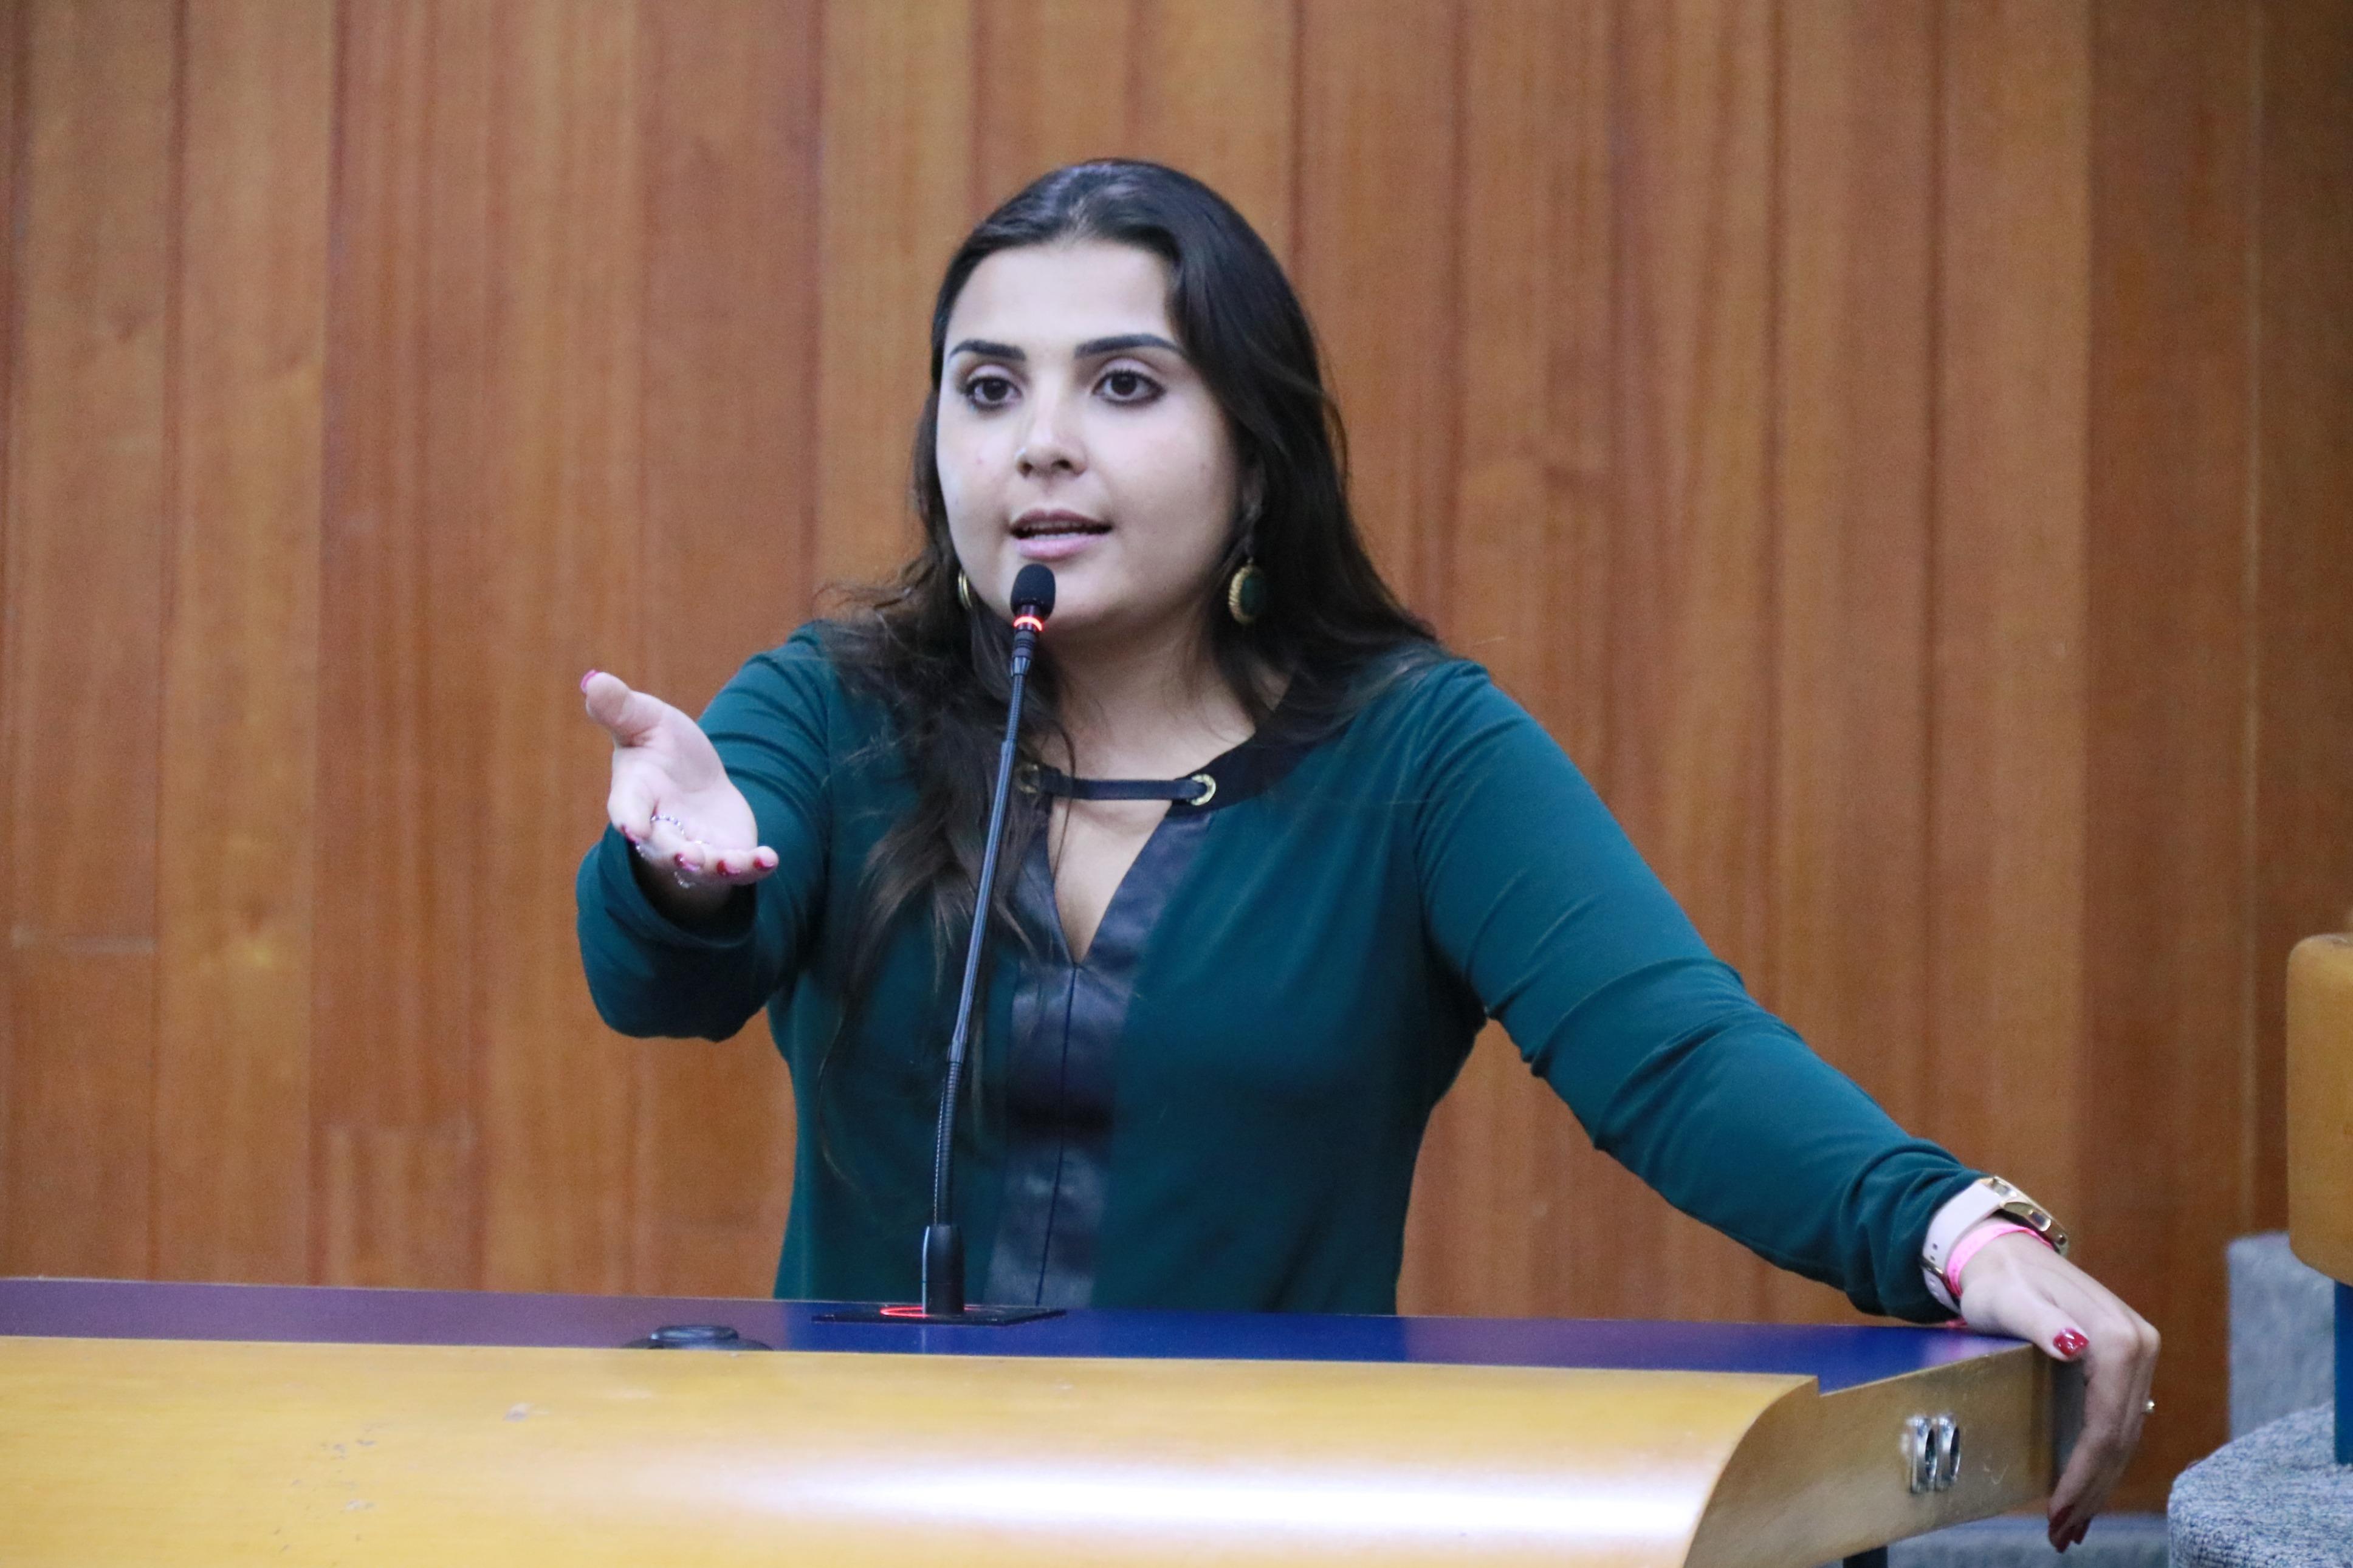 Aprovado Decreto que Susta Resolução do Conselho do Patrimônio Histórico de Goiânia